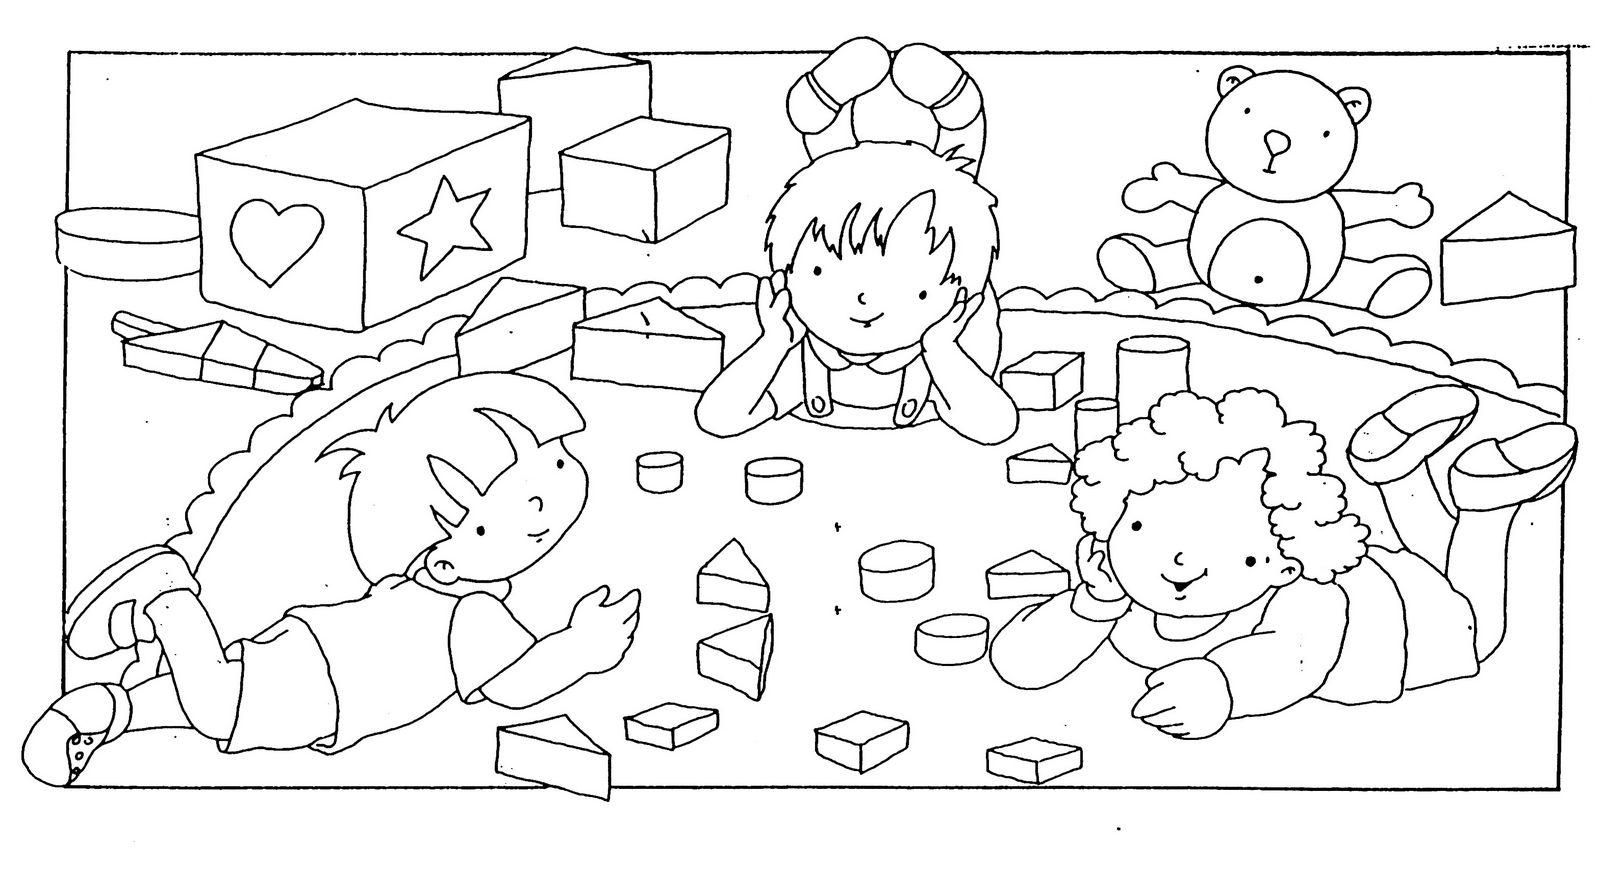 Pinto Dibujos Imagenes De Niños Felices Leyendo Para: Dibujos Dia Del Niño Para Pintar, Parte 2